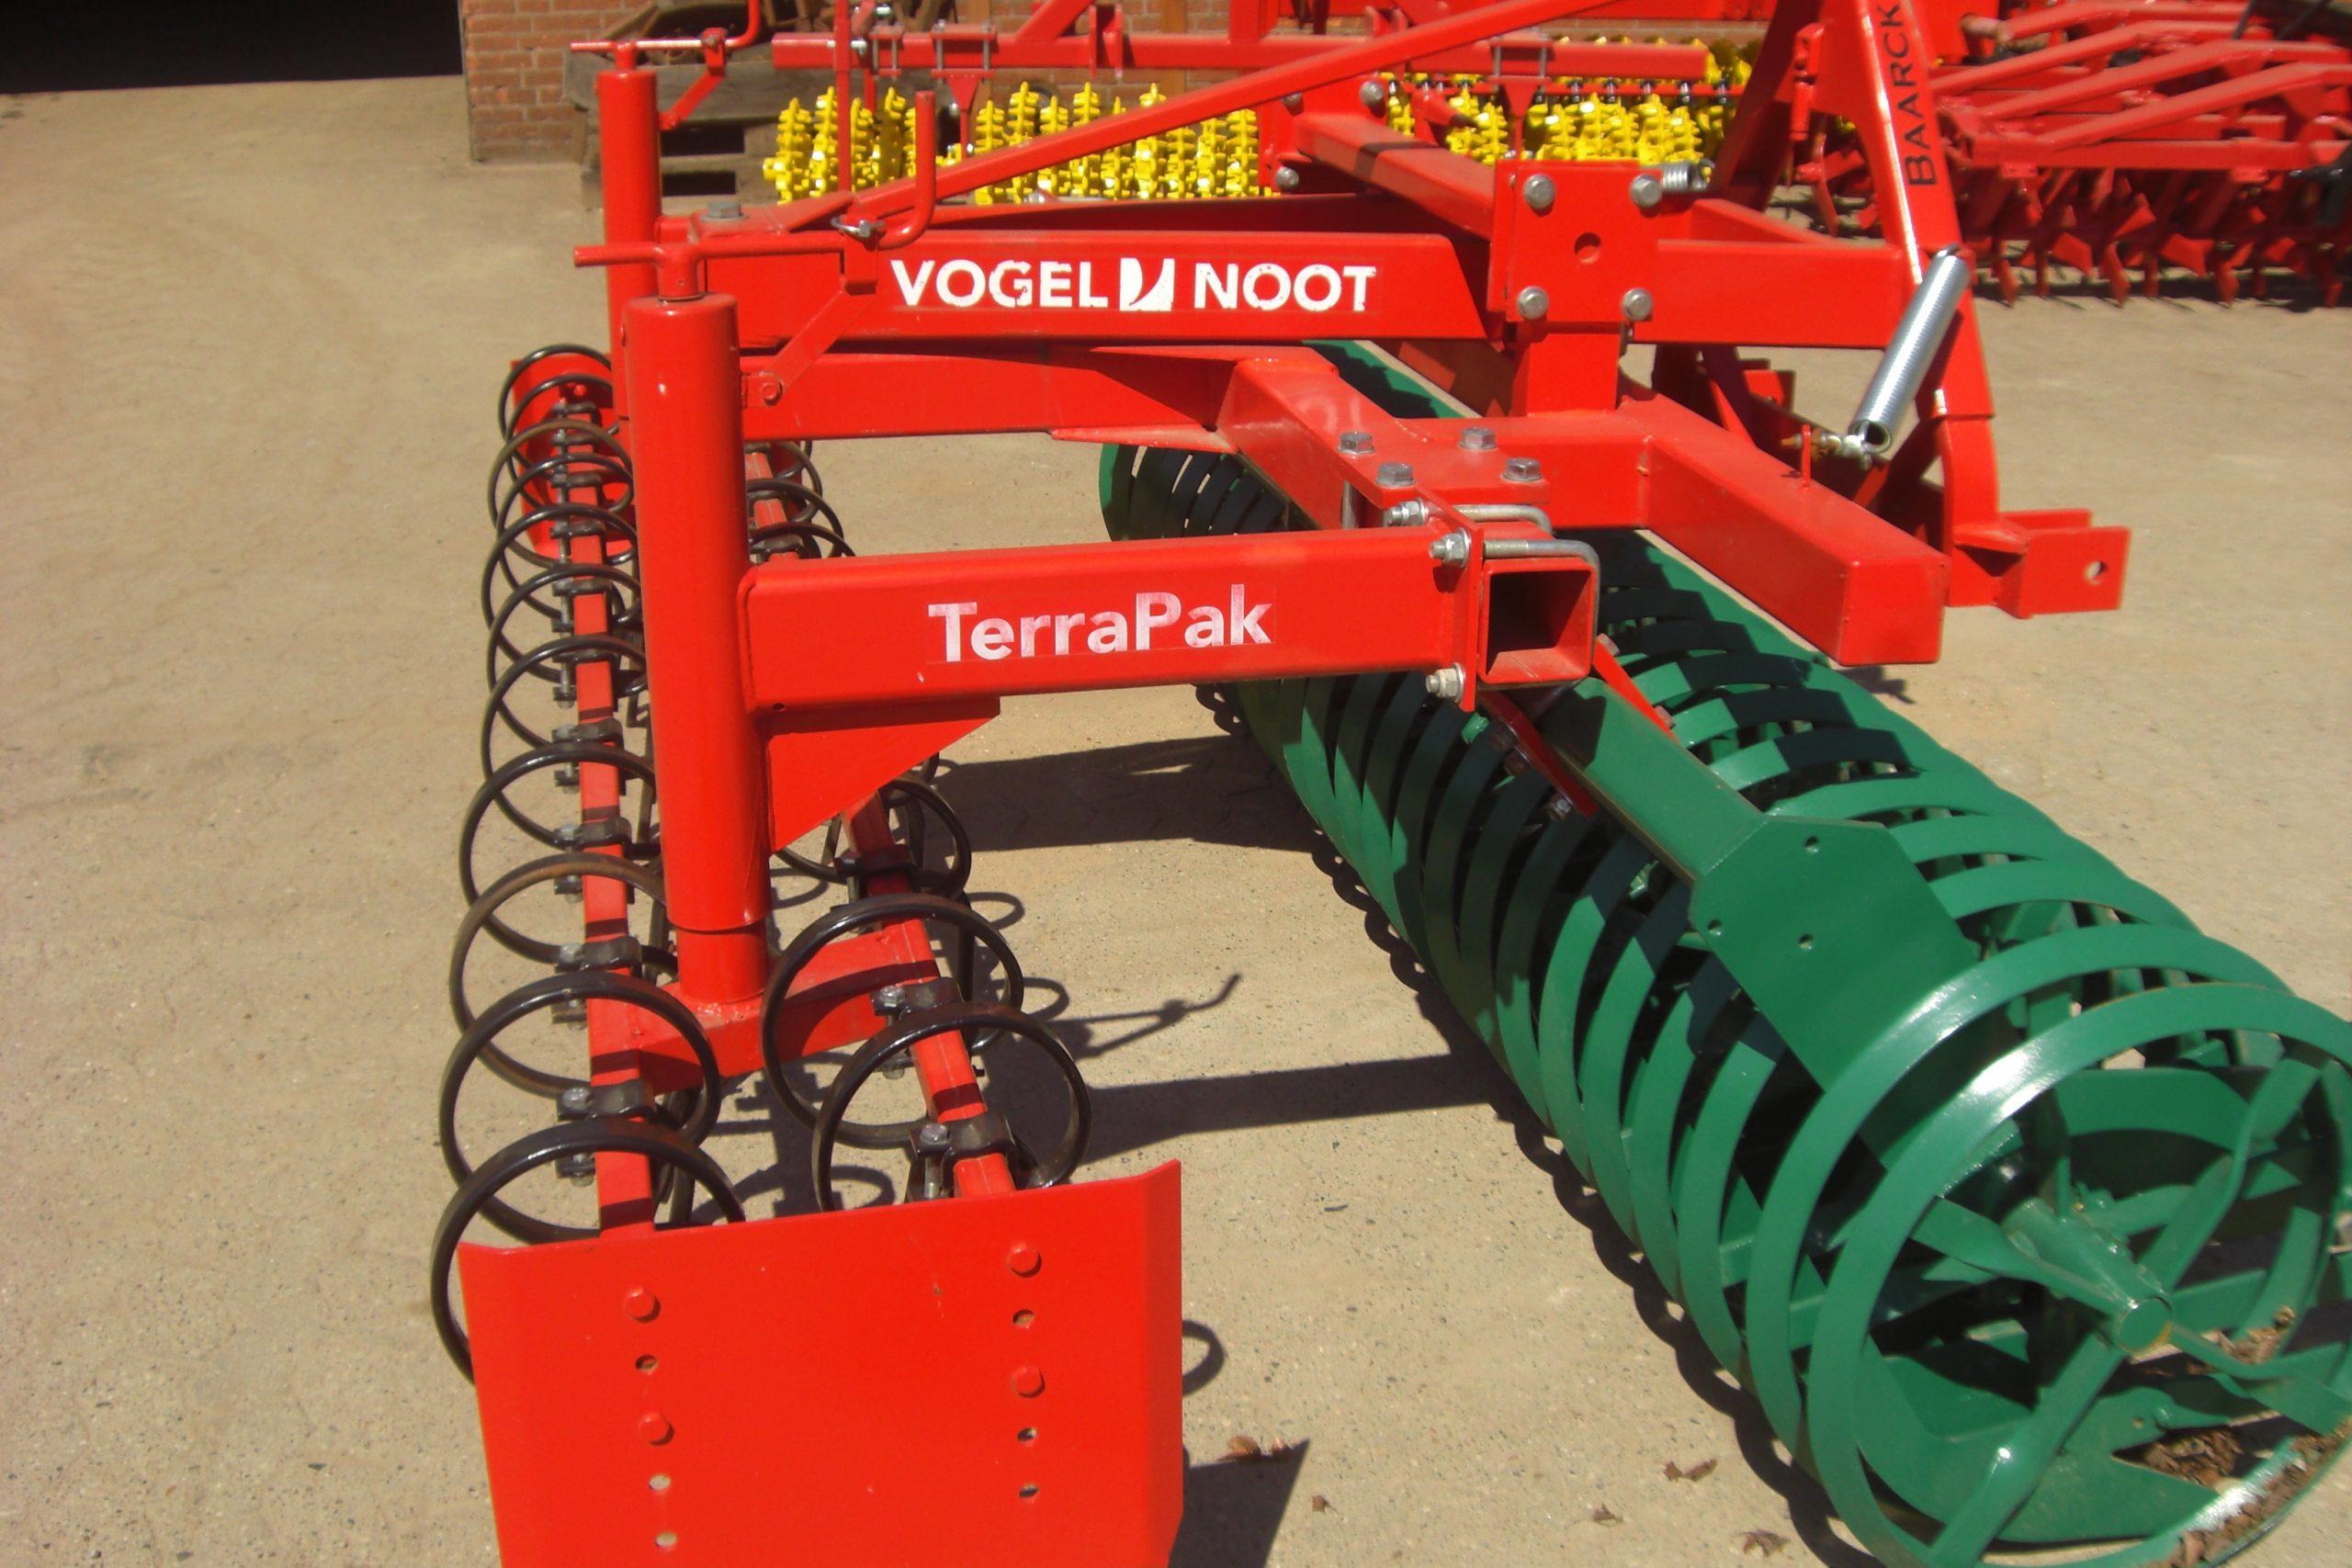 Vogel&Noot Terra Pack 3m AB